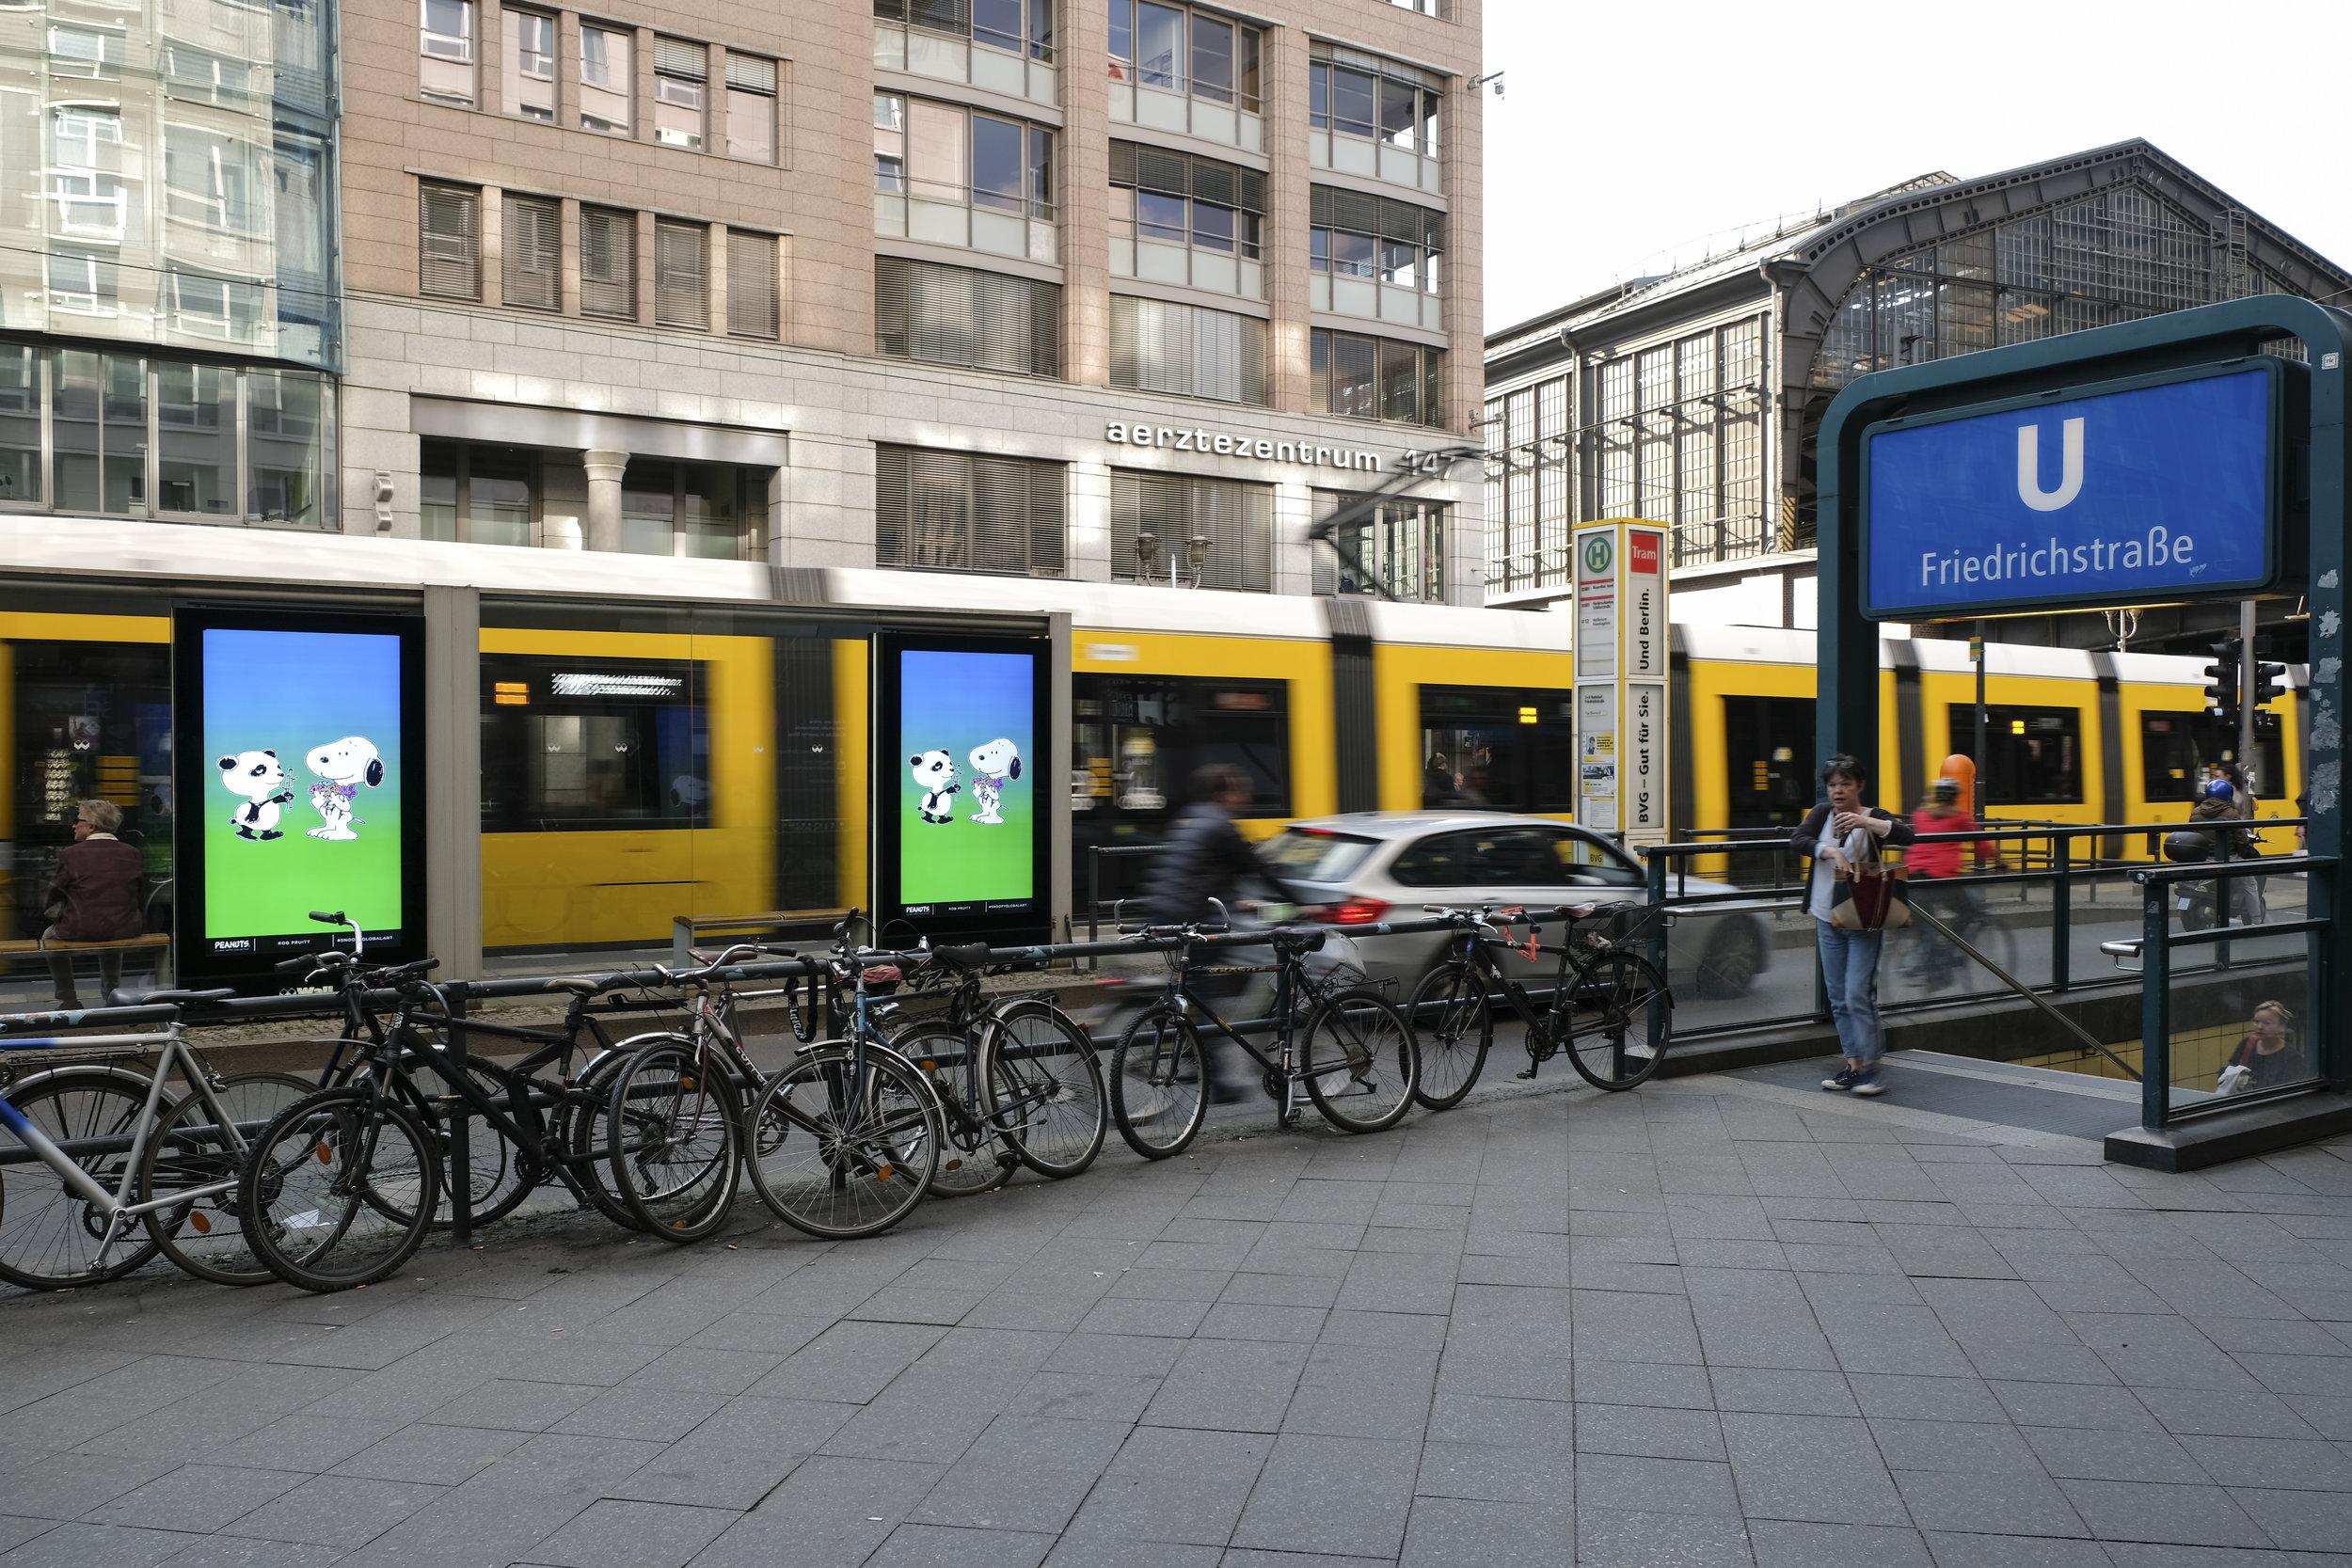 Peanuts_Berlin_DDN_week 16 (2).jpg